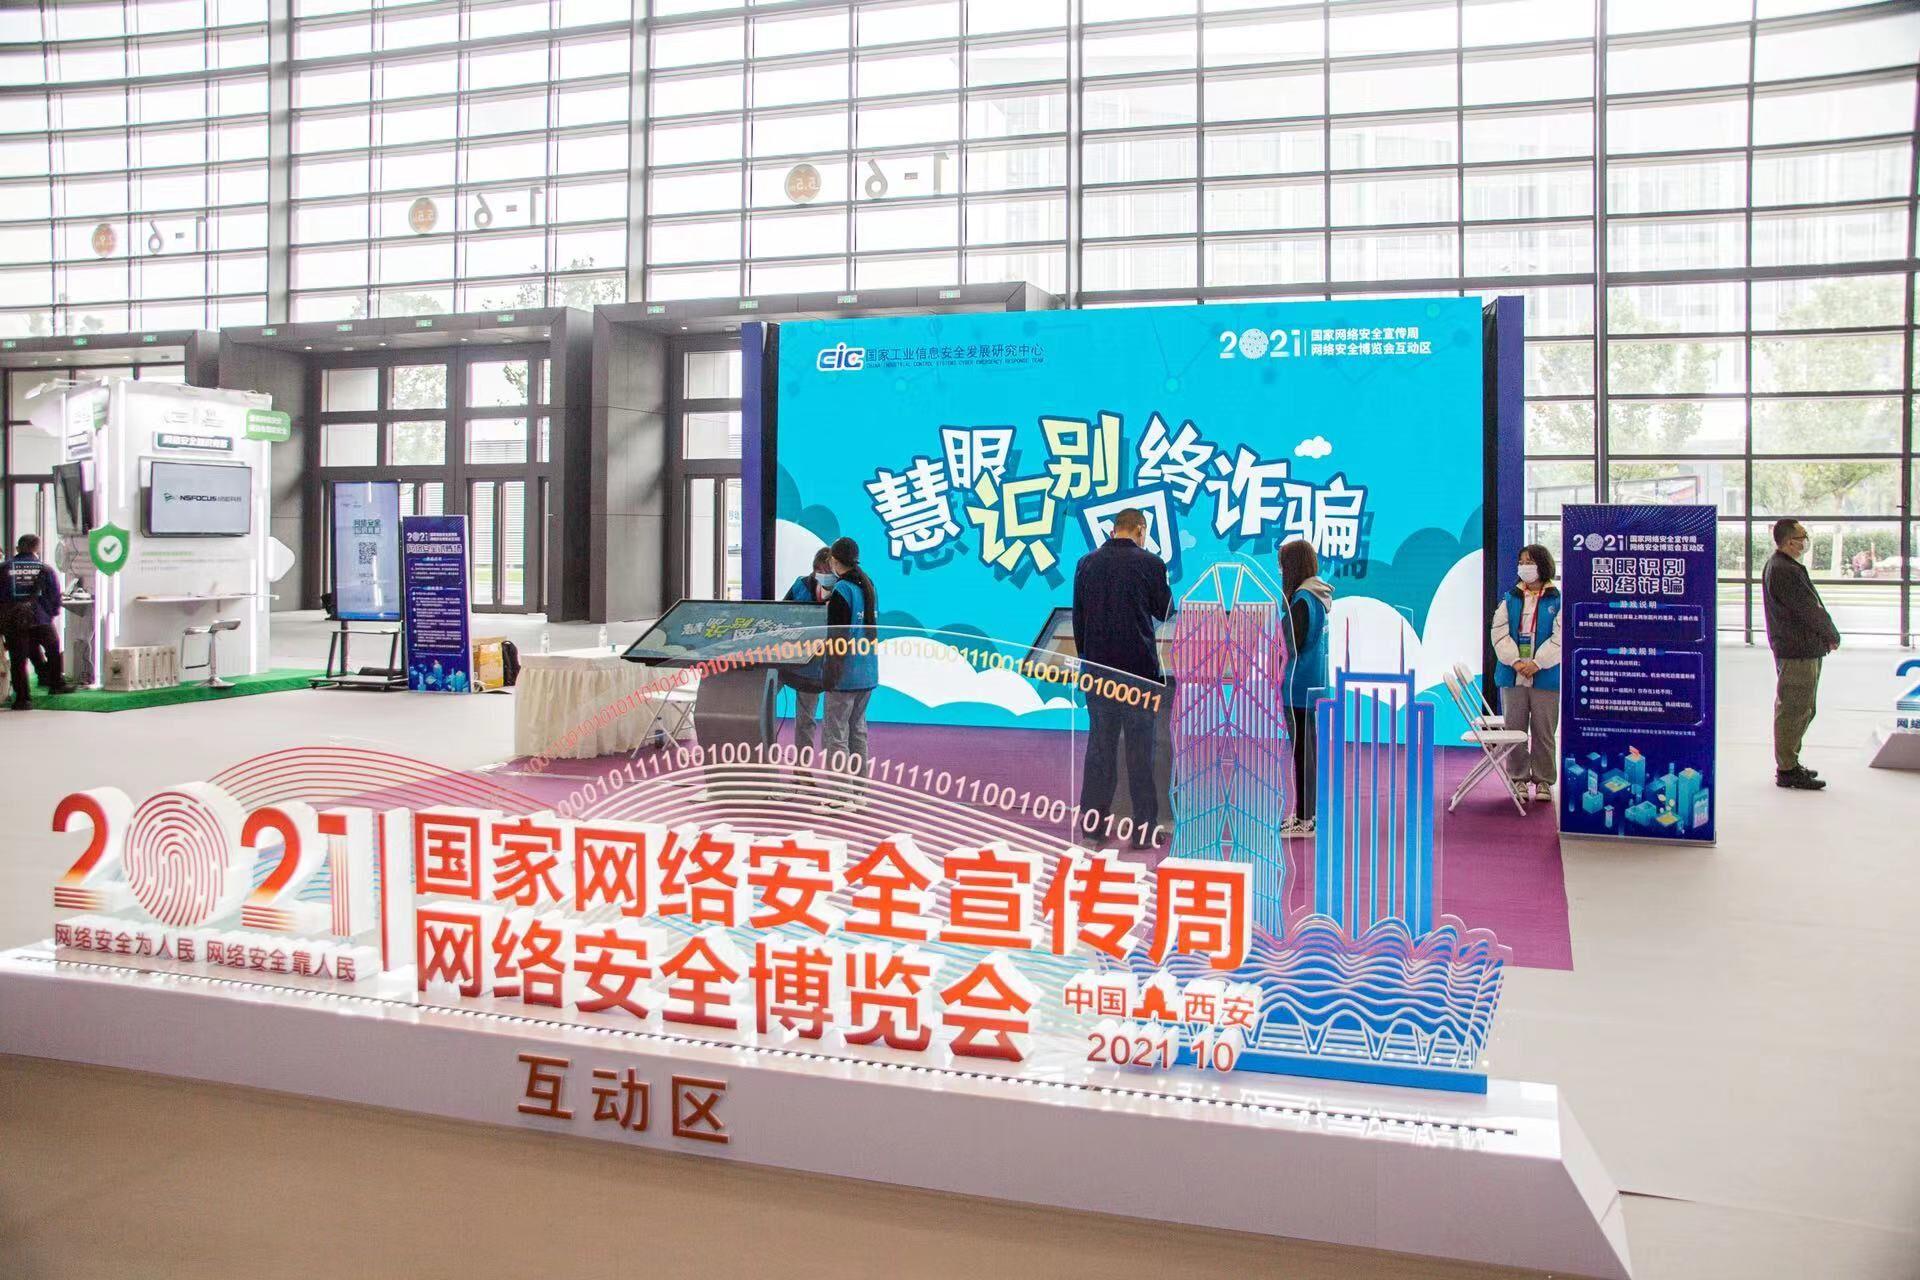 2021年国家网络安全宣传周网络安全博览会在西安举办